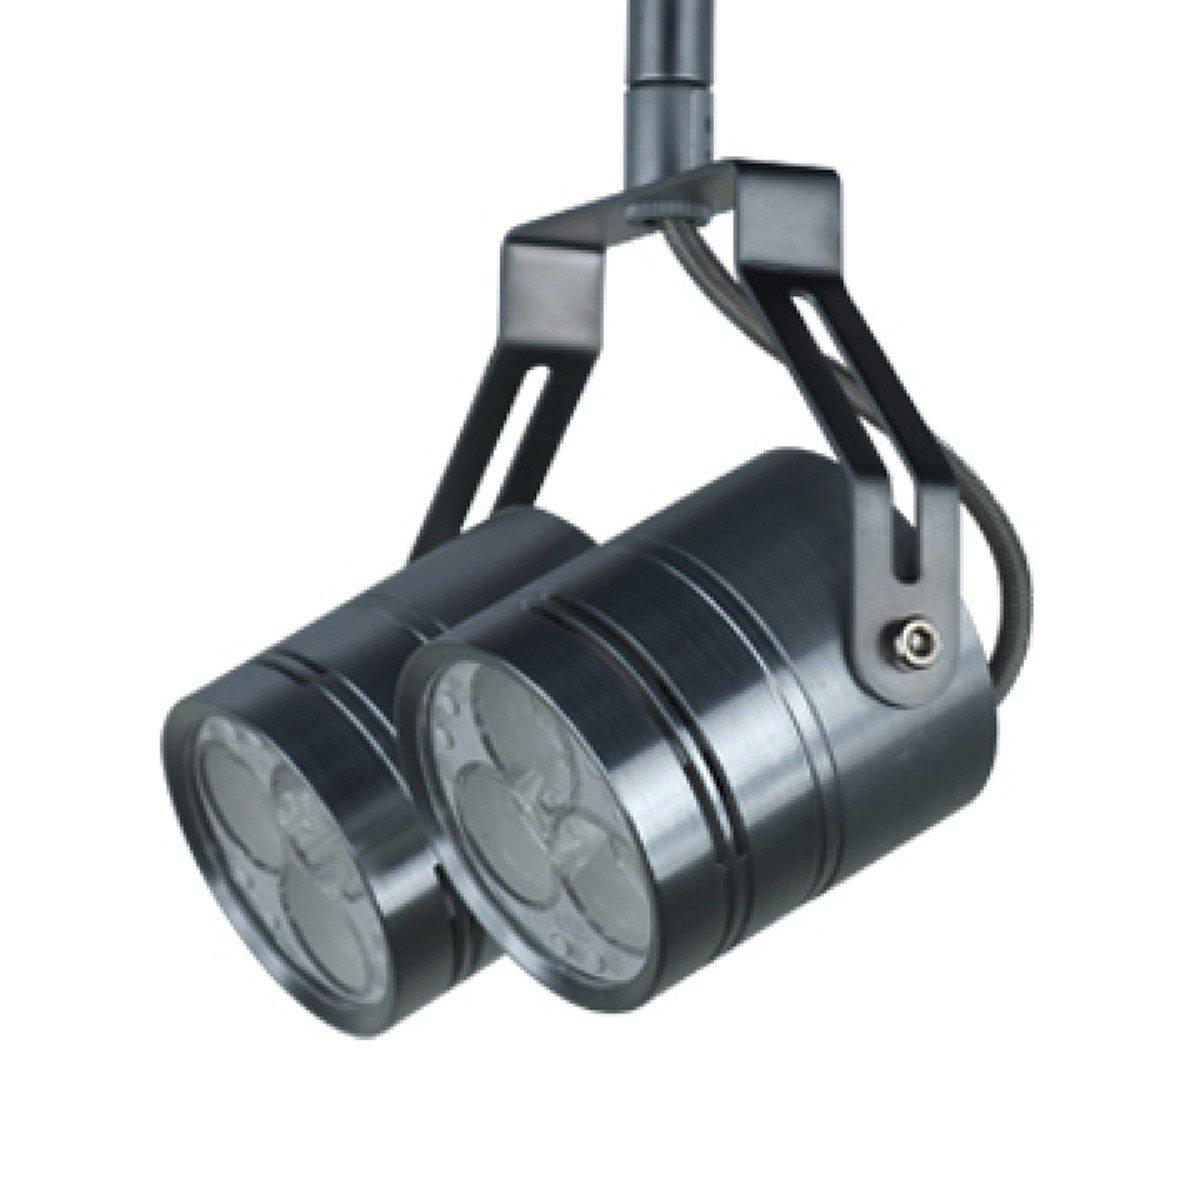 Satin Nickel Finish Jesco Lighting QASL187X6-30SN Valentina Quick Adapt LED Spot Light